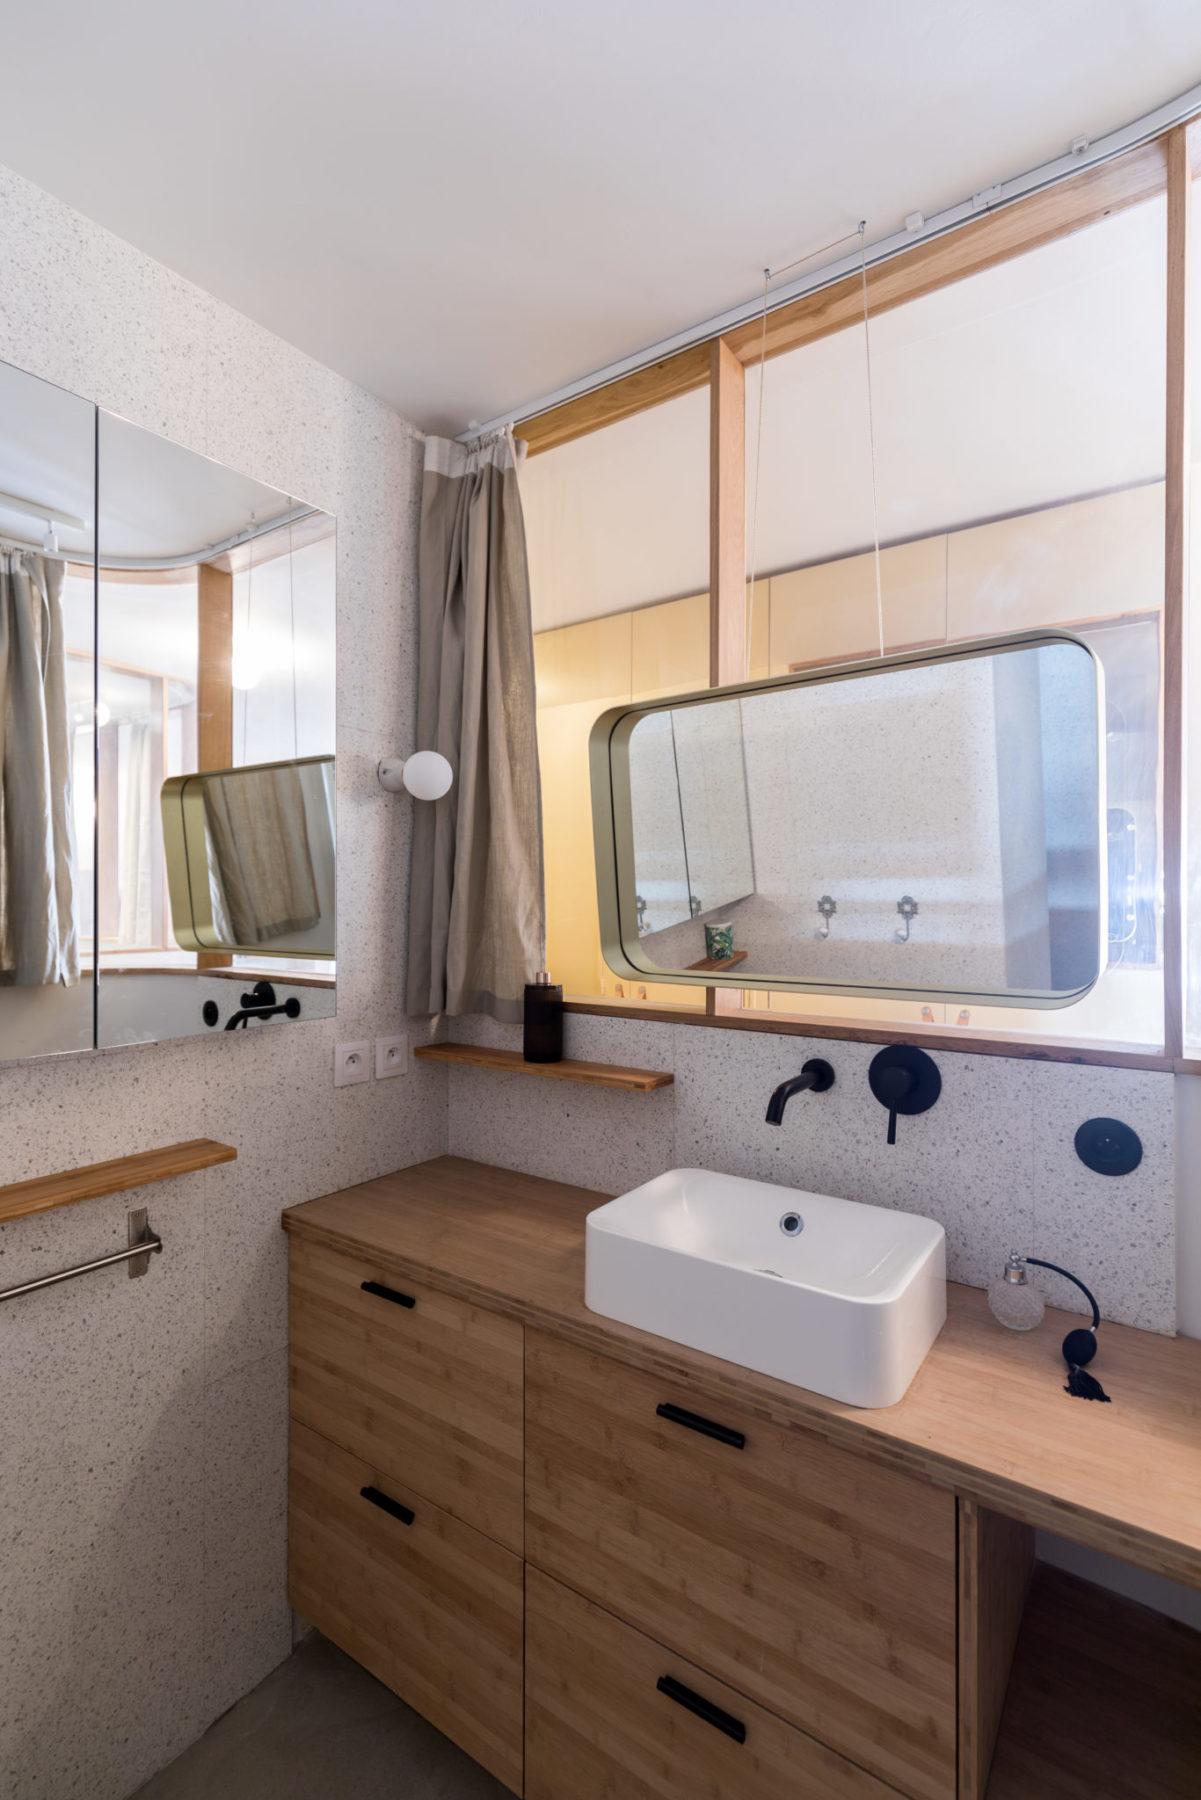 Salle de bains - Miroir suspendu, mur en terrazzo blanc. Meuble /commode en bambou avec vasque